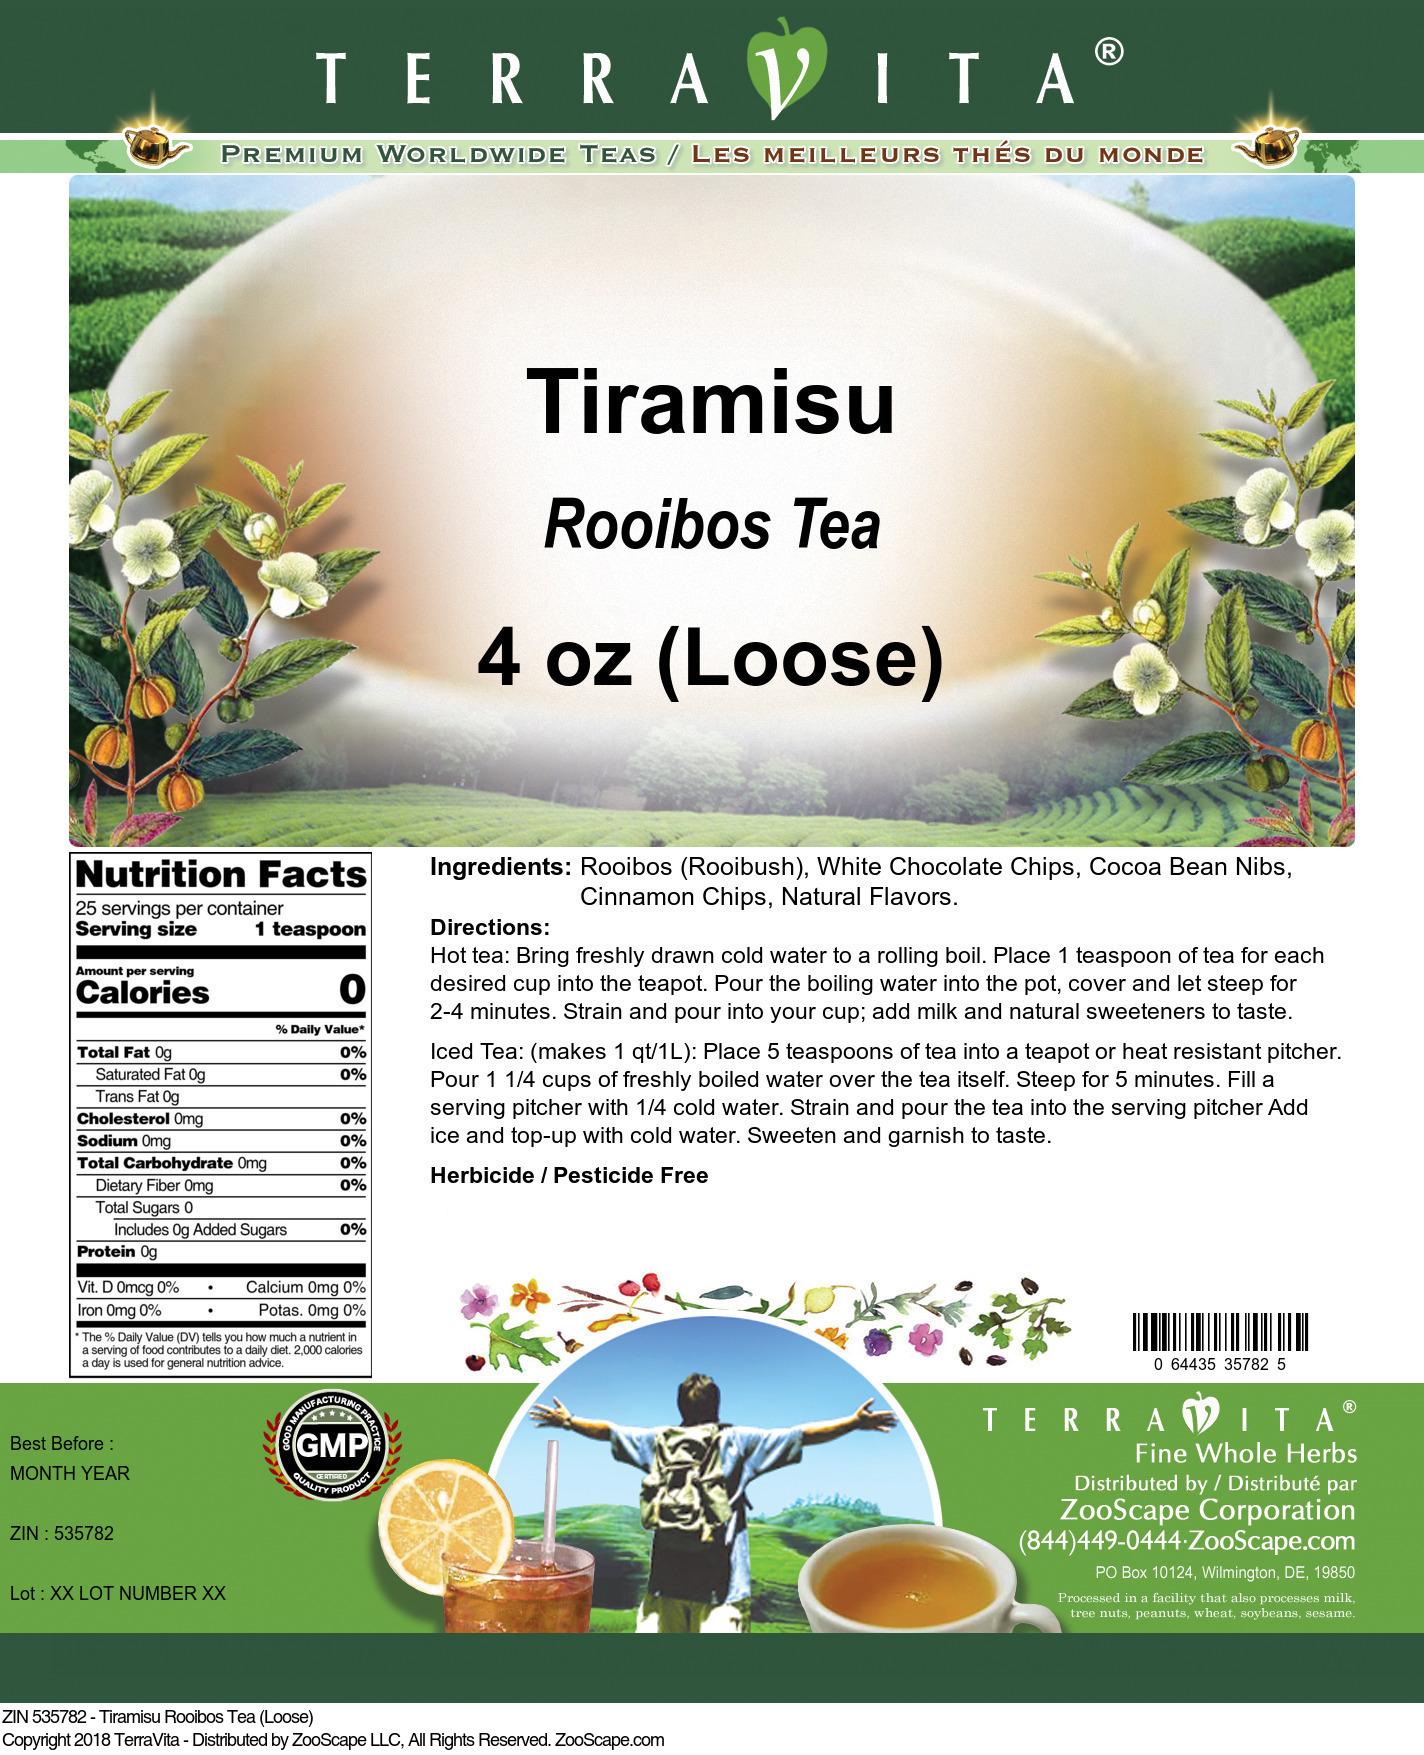 Tiramisu Rooibos Tea (Loose)